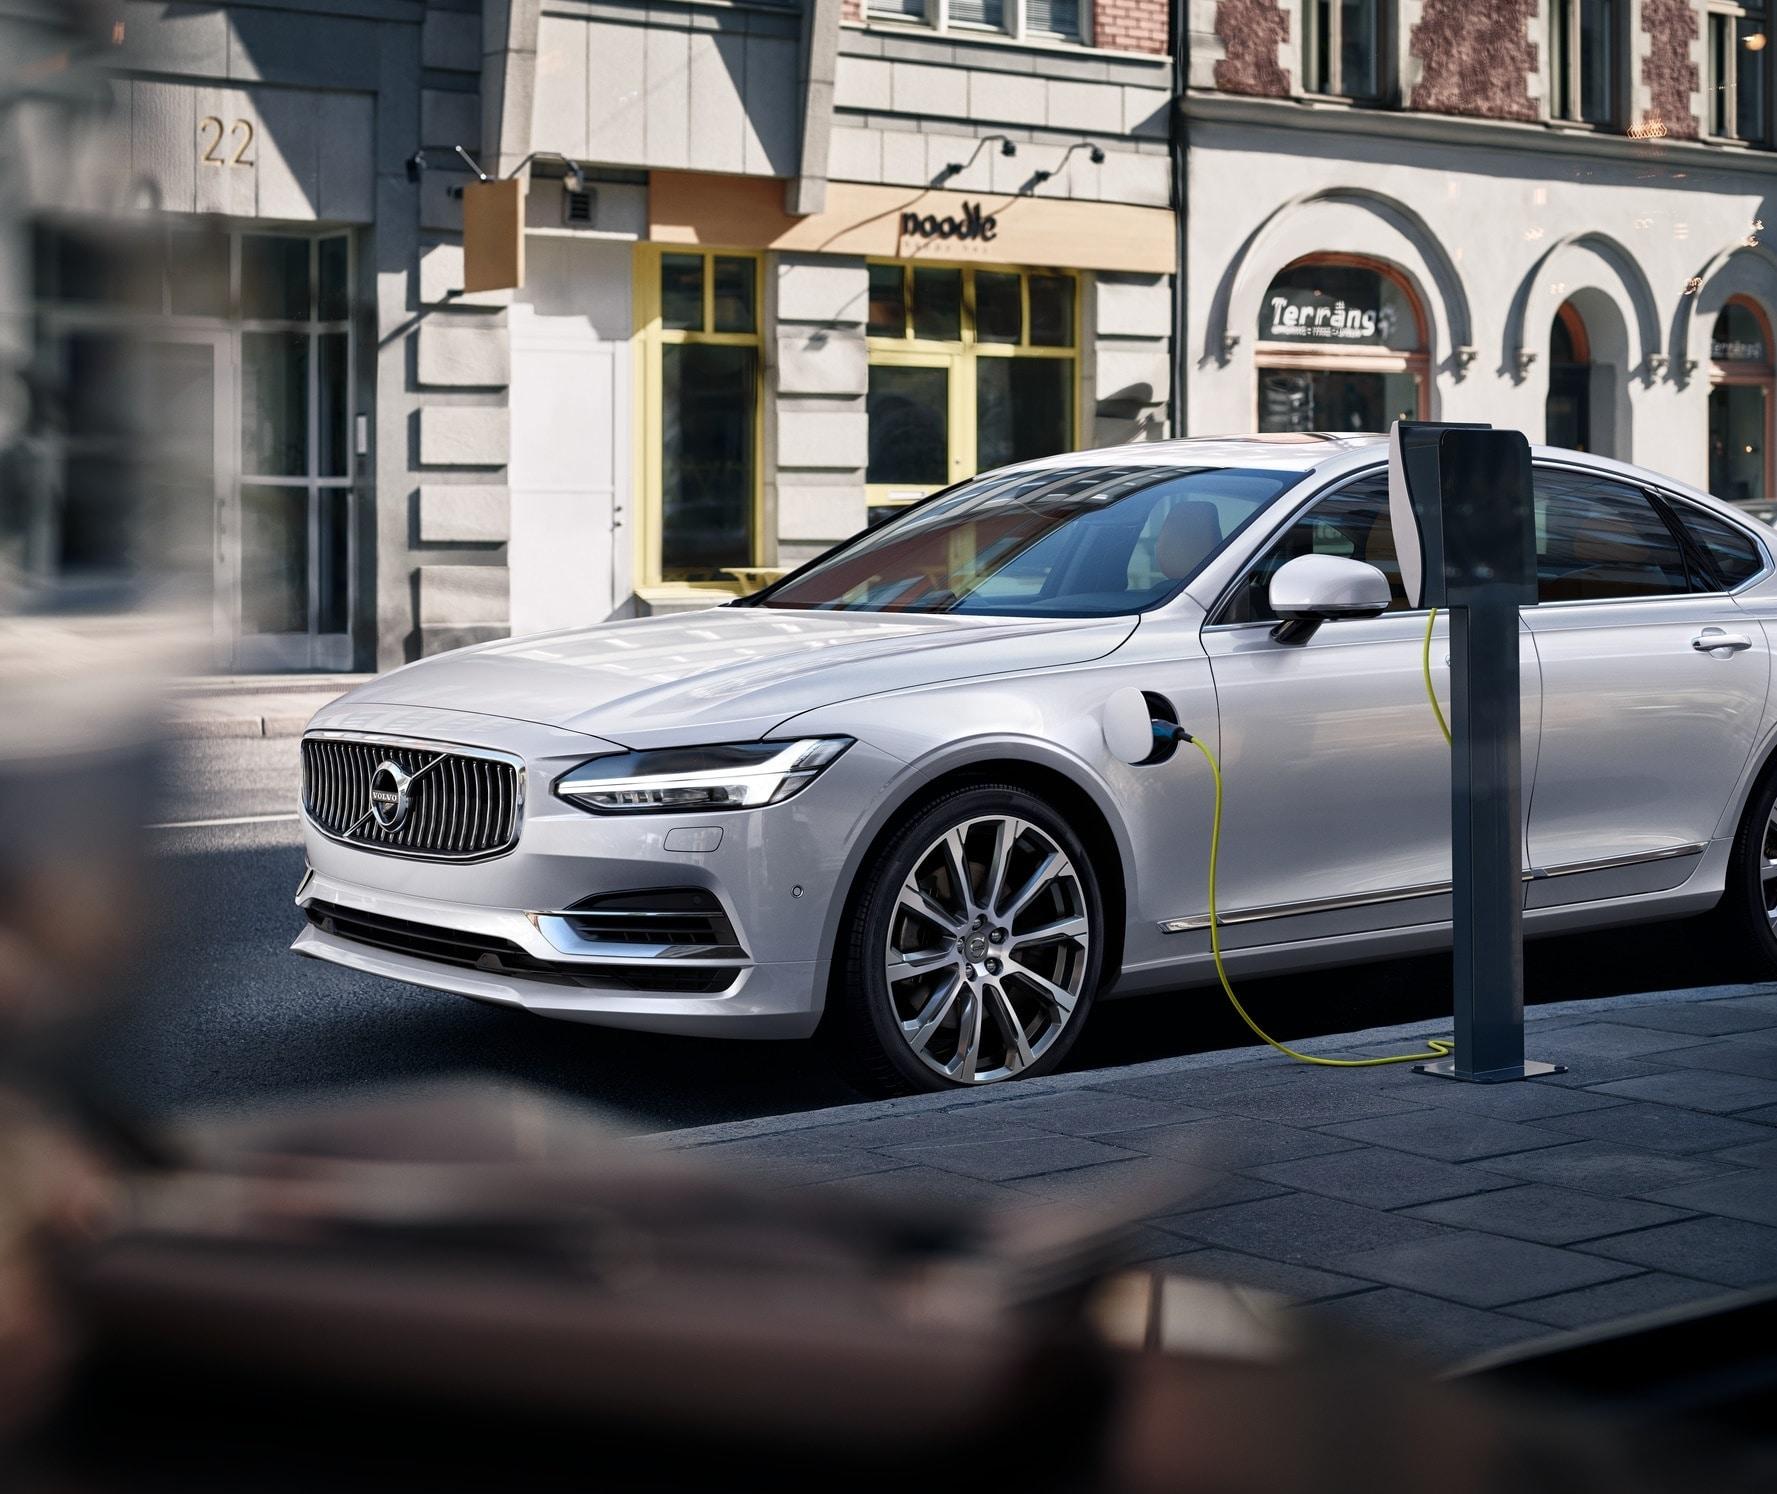 Foto do Volvo S90, sedan de luxo, carregando em um posto de carregamento na rua.